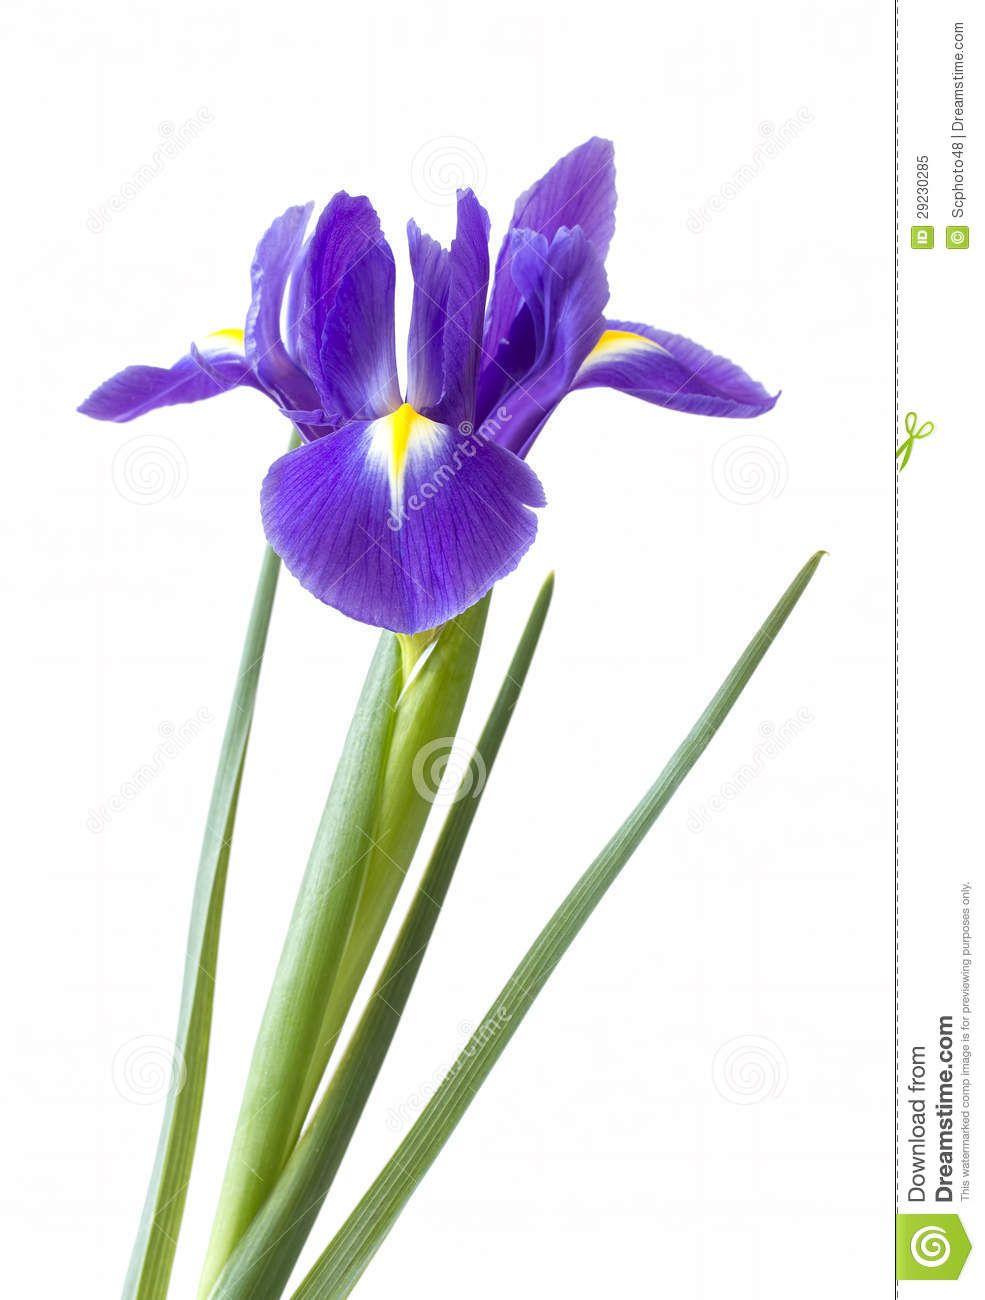 Iris is a genus of 260300 species of flowering plants with showy iris is a genus of 260300 species of flowering plants with showy flowers dhlflorist Image collections